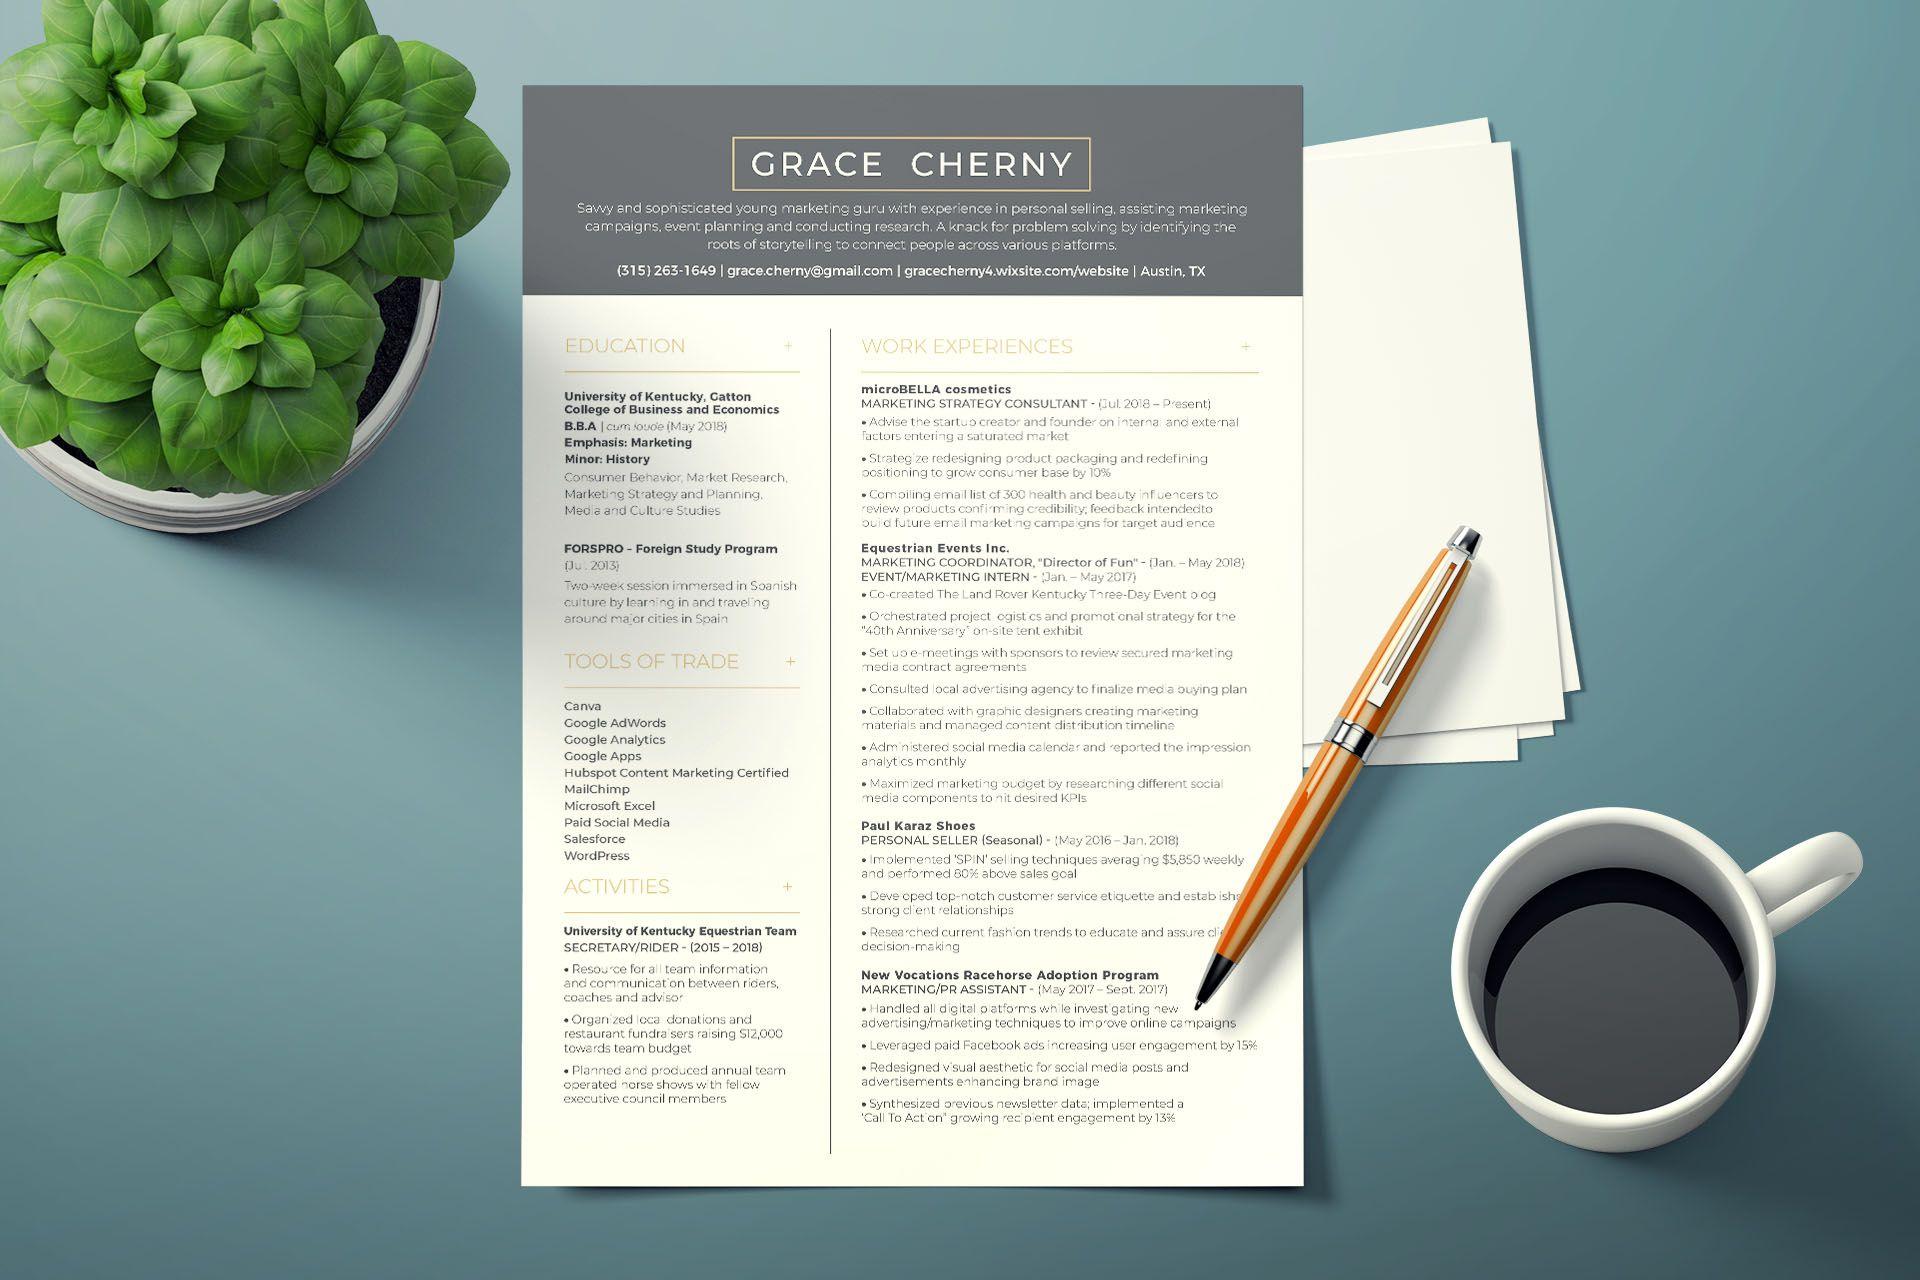 design, edit, write your resume, and cover letter | Résumé ...